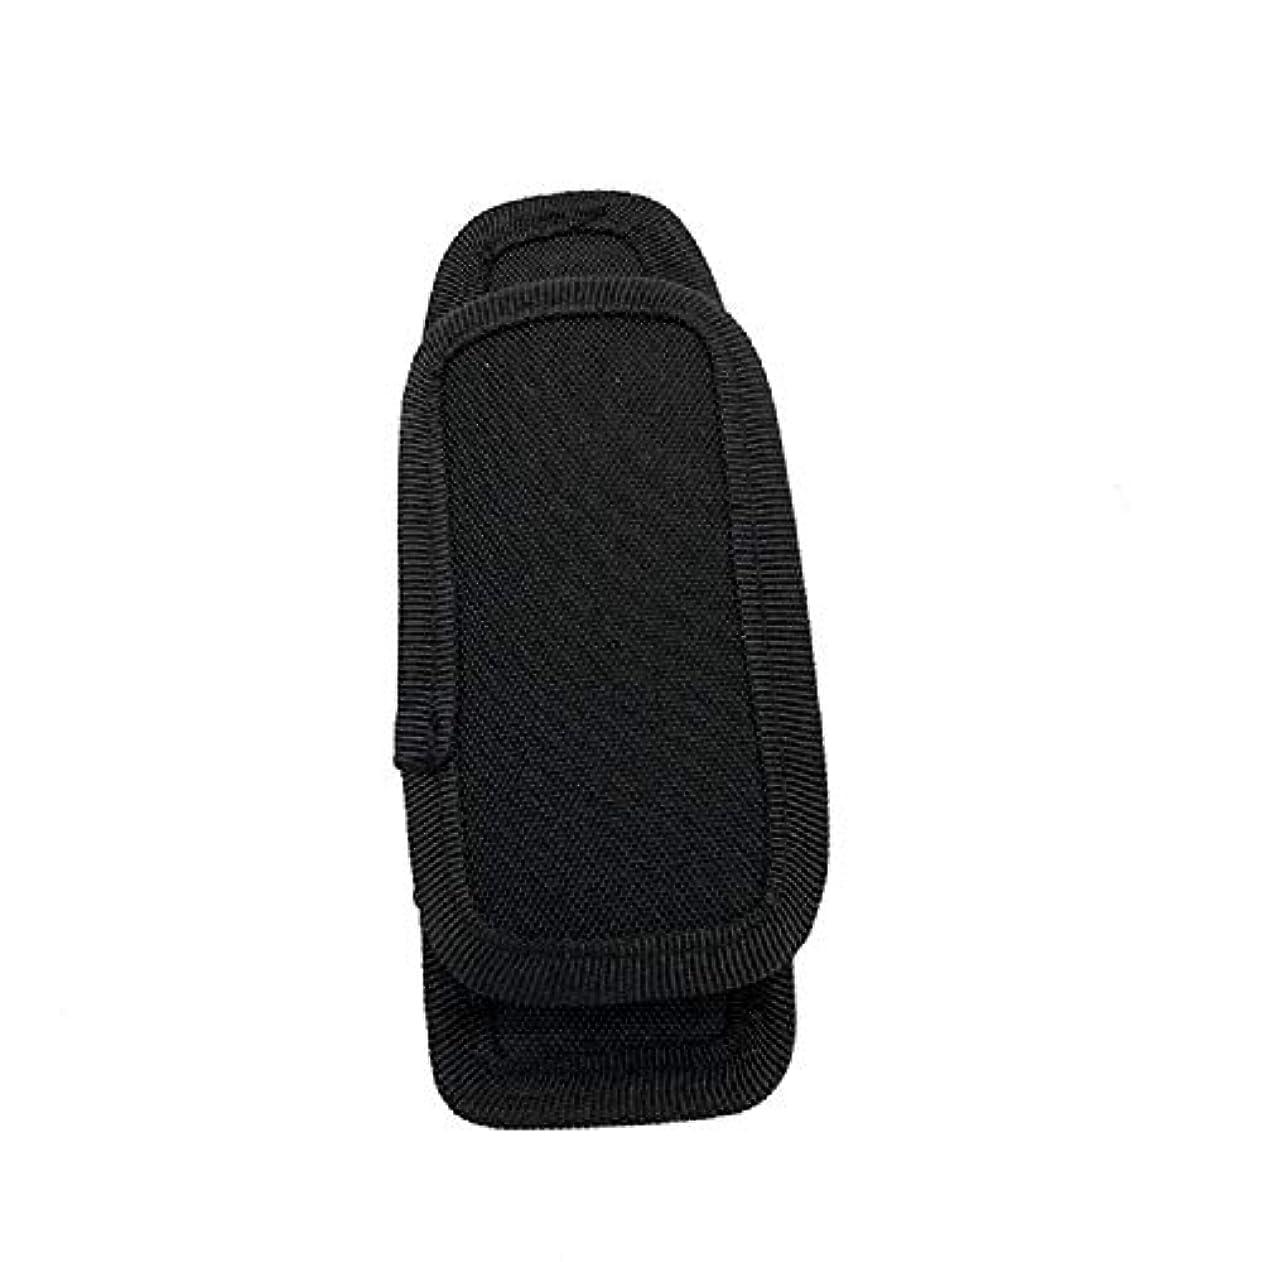 ブレーク弱いの量屋外多機能360度回転懐中電灯セットレジャースポーツバッグユニバーサル懐中電灯ポケット (Color : Black, Size : 15*6*4cm/5.9*2.4*1.6in)